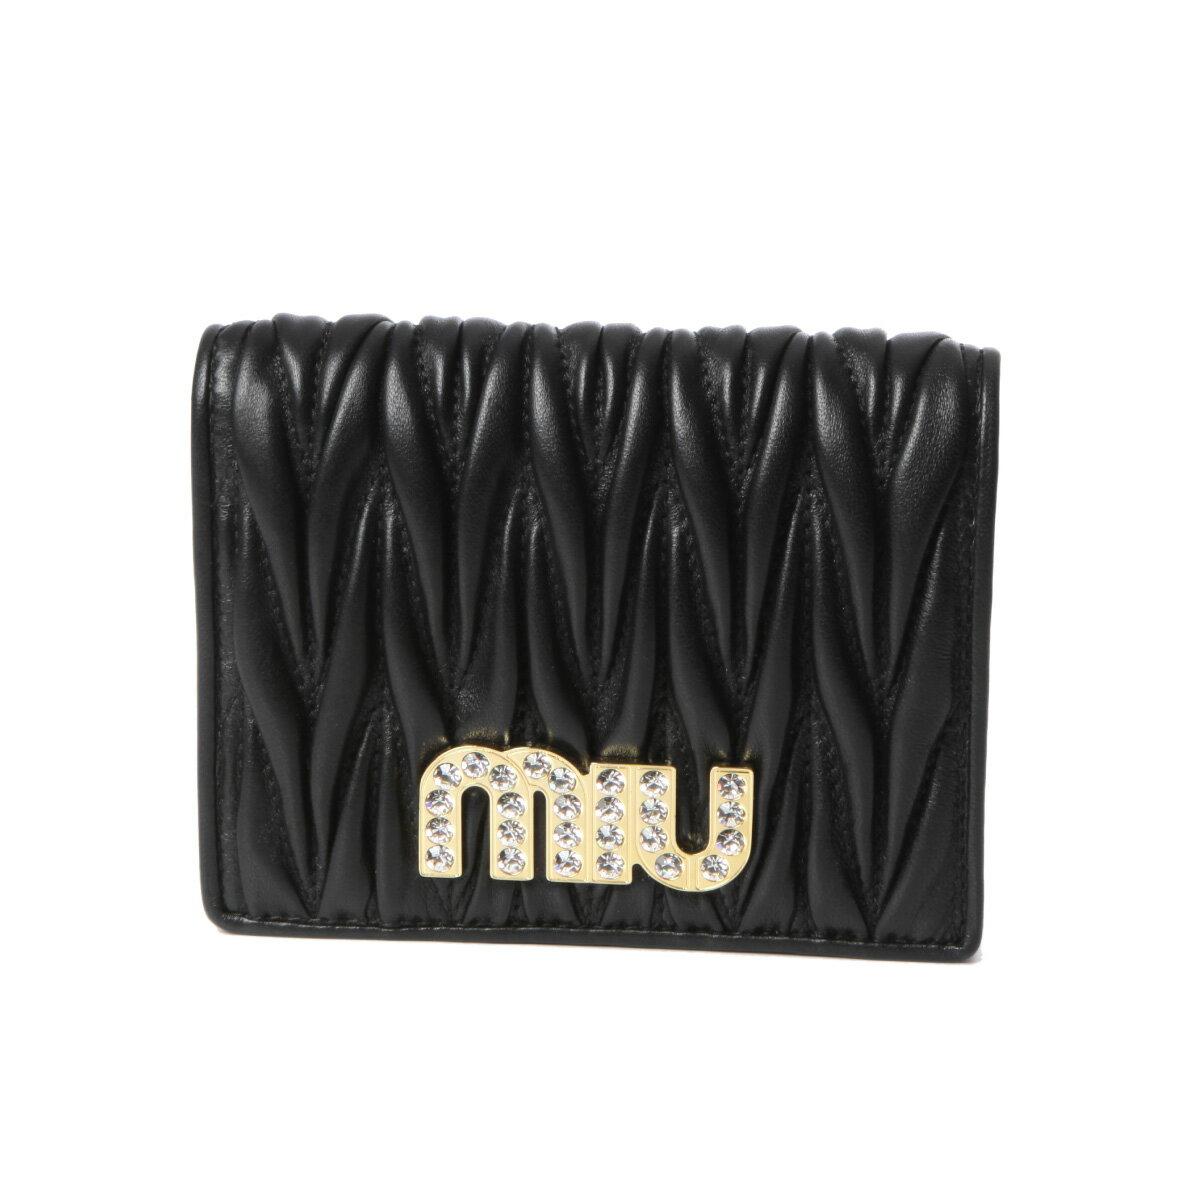 ミュウ ミュウ MIU MIU 財布 レディース 5MV204 2BSQ F0002 二つ折り財布 MATELASSE MIU C NERO ブラック